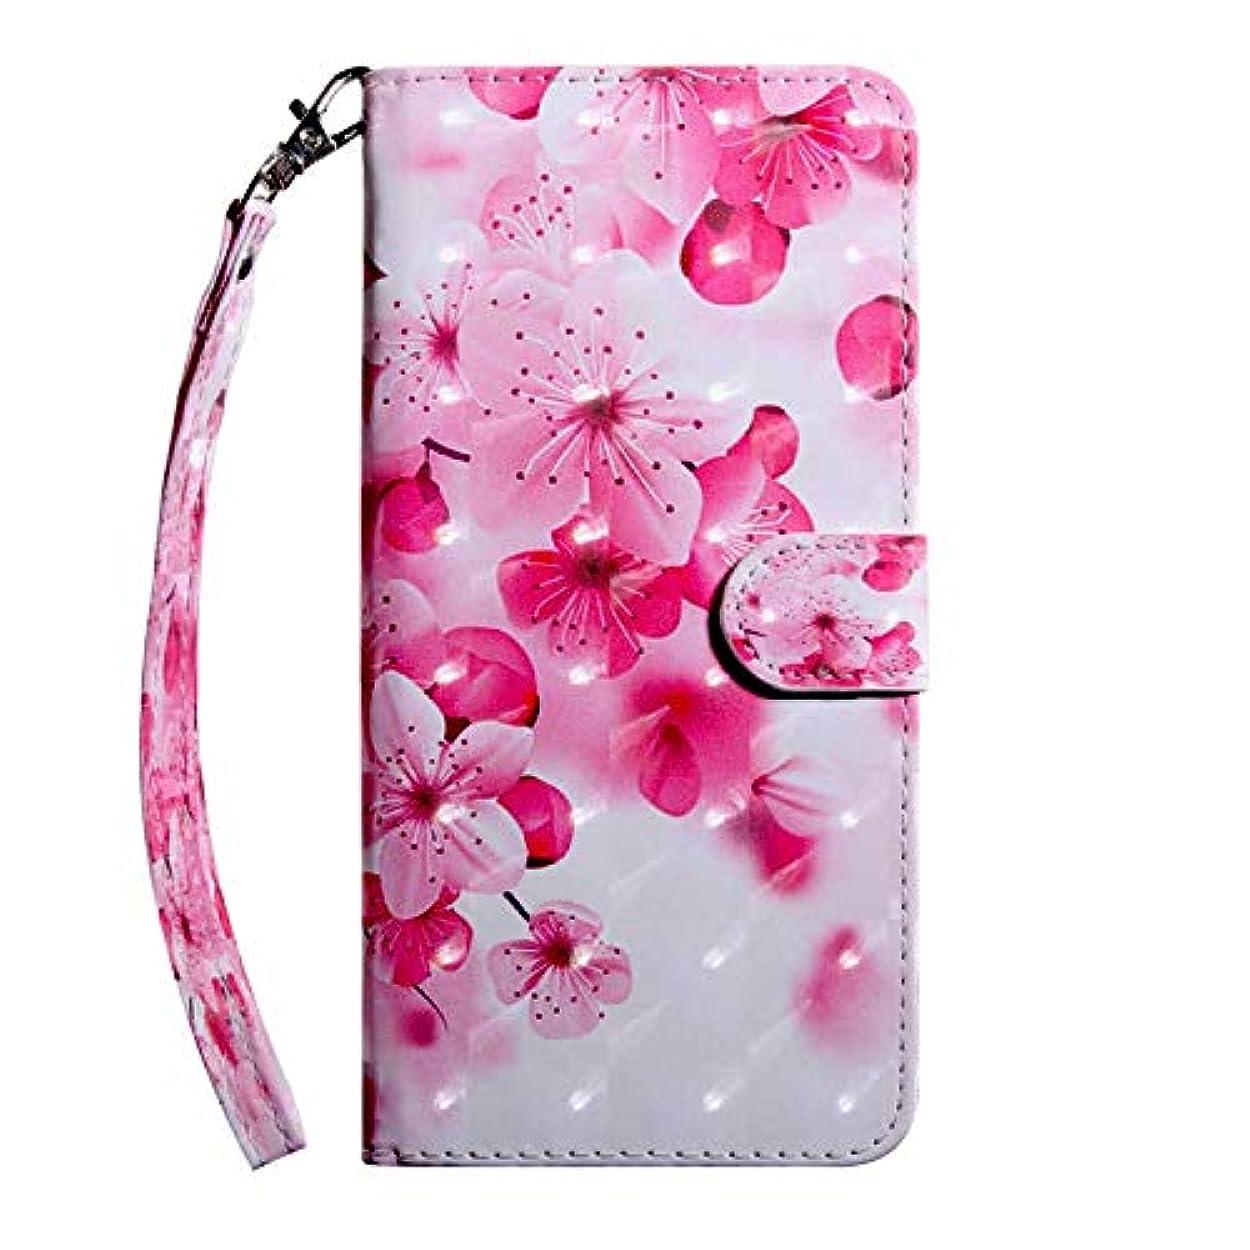 ストレスの多い六エンジニアCUSKING Sony Xperia XA2 ケース 手帳型 財布型カバー Sony Xperia XA2 スマホカバー 磁気バックル カード収納 スタンド機能 エクスペリア レザーケース –さくら